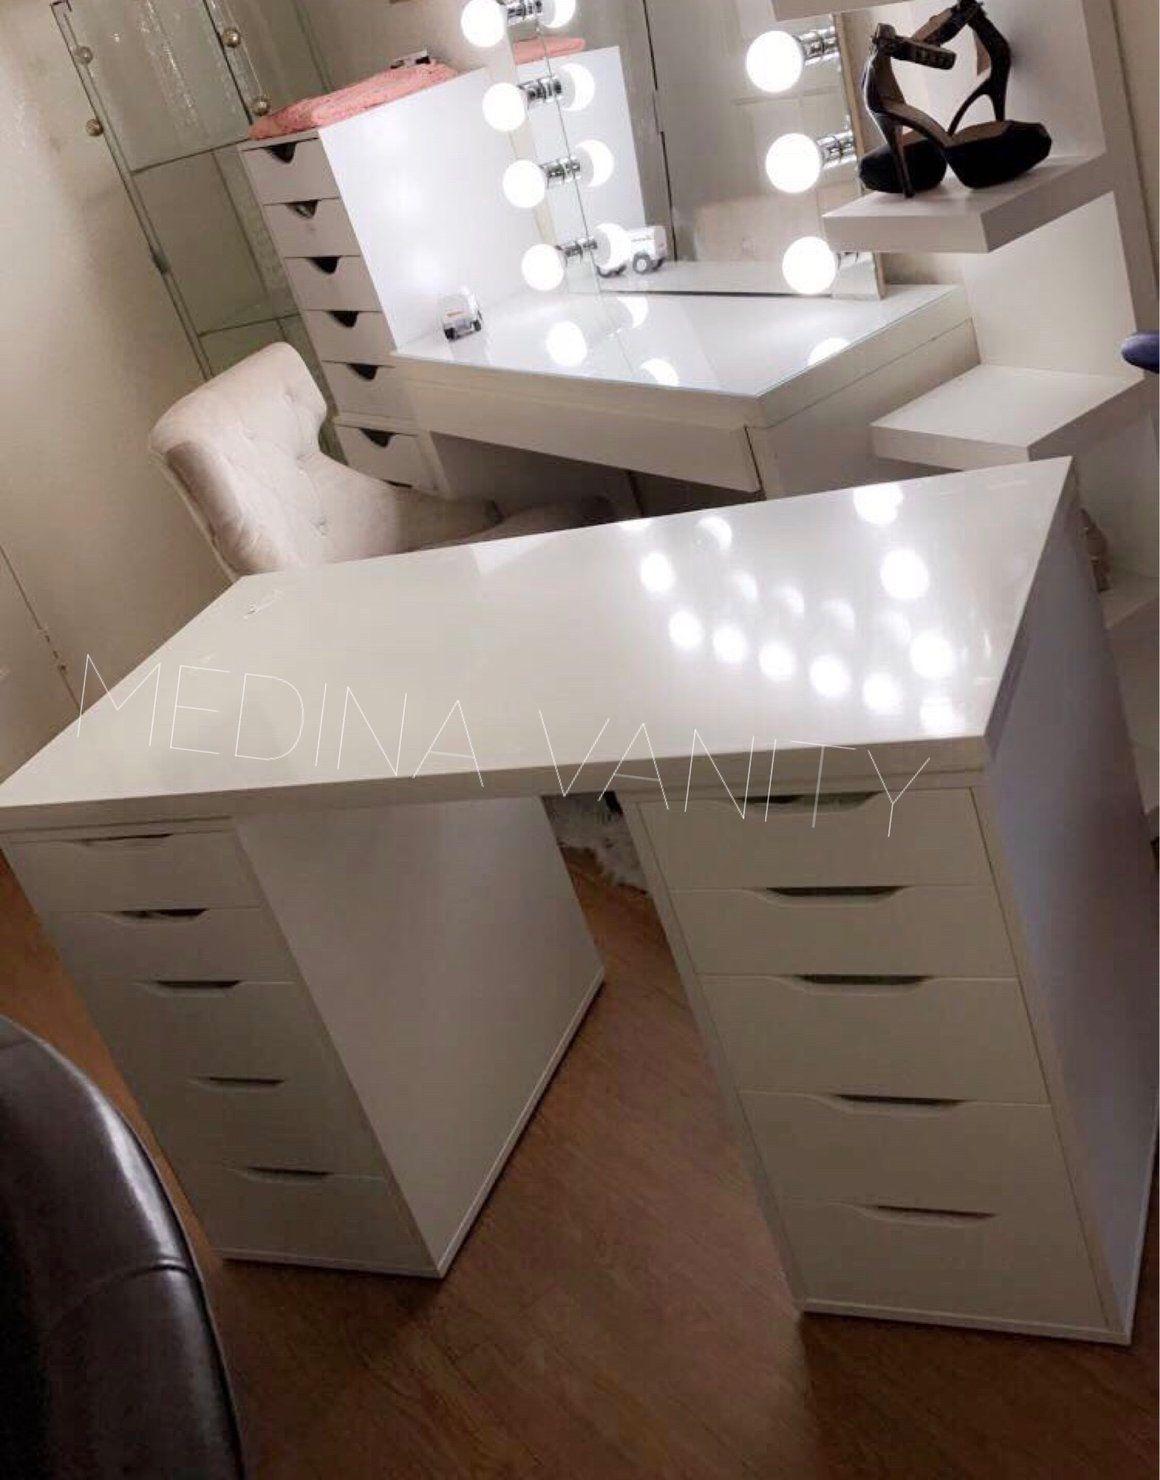 Glass Top For Vanity Table Medina Vanity Vanity Table Ikea Vanity Vanity Mirror